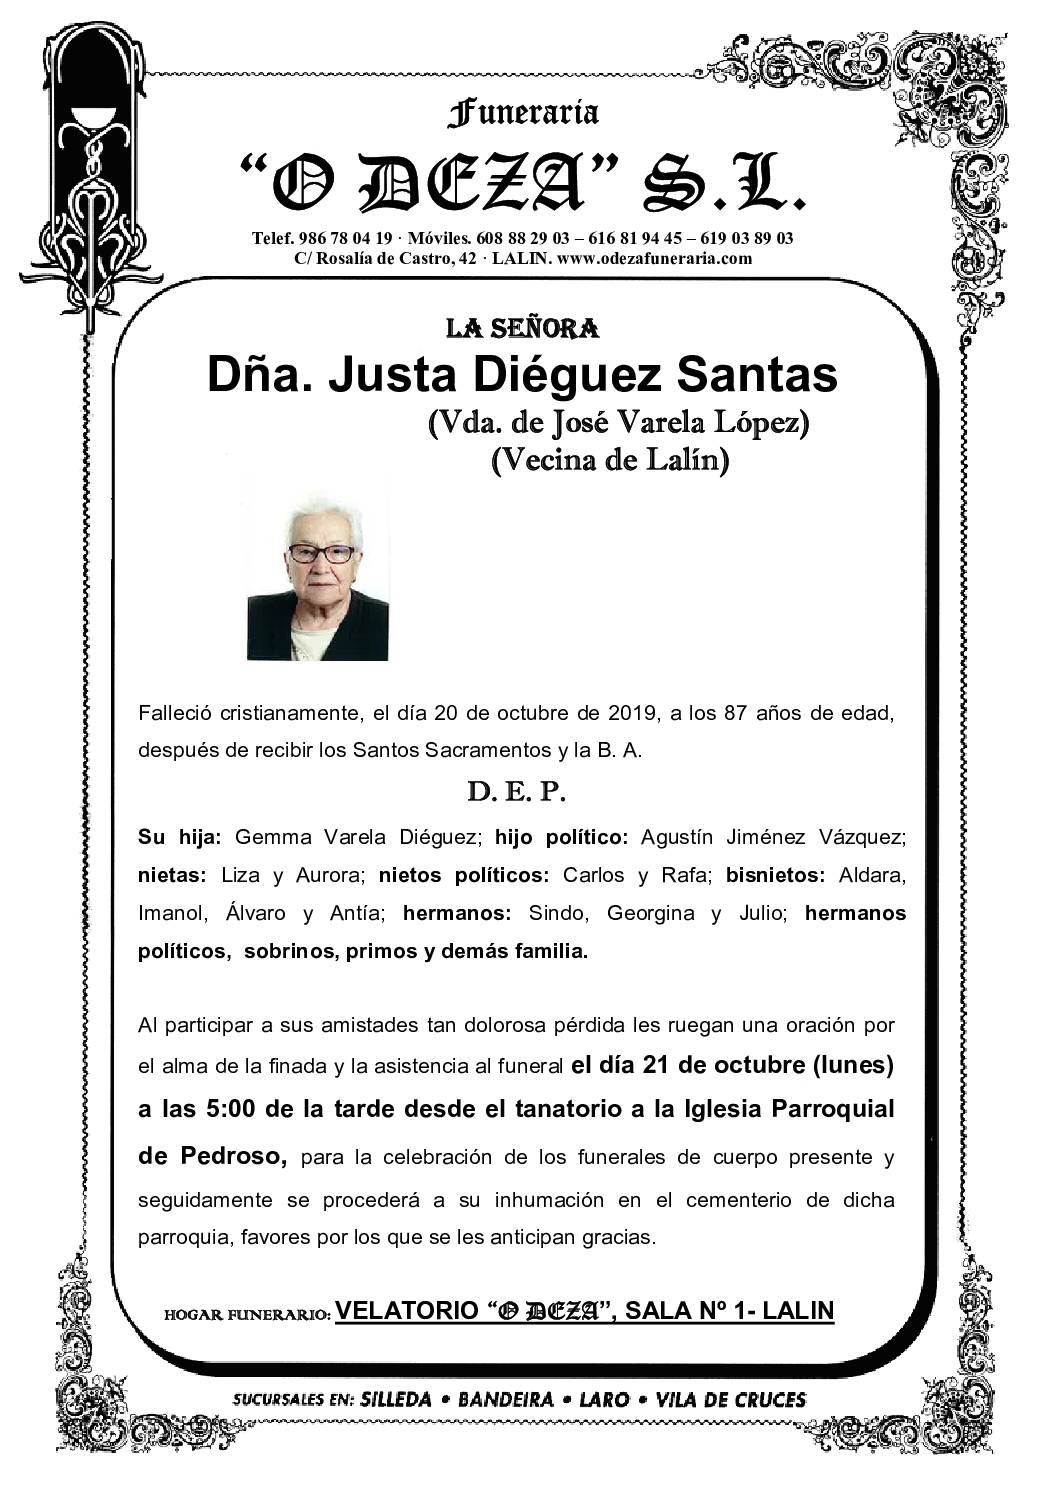 DÑA. JUSTA DIÉGUEZ SANTAS